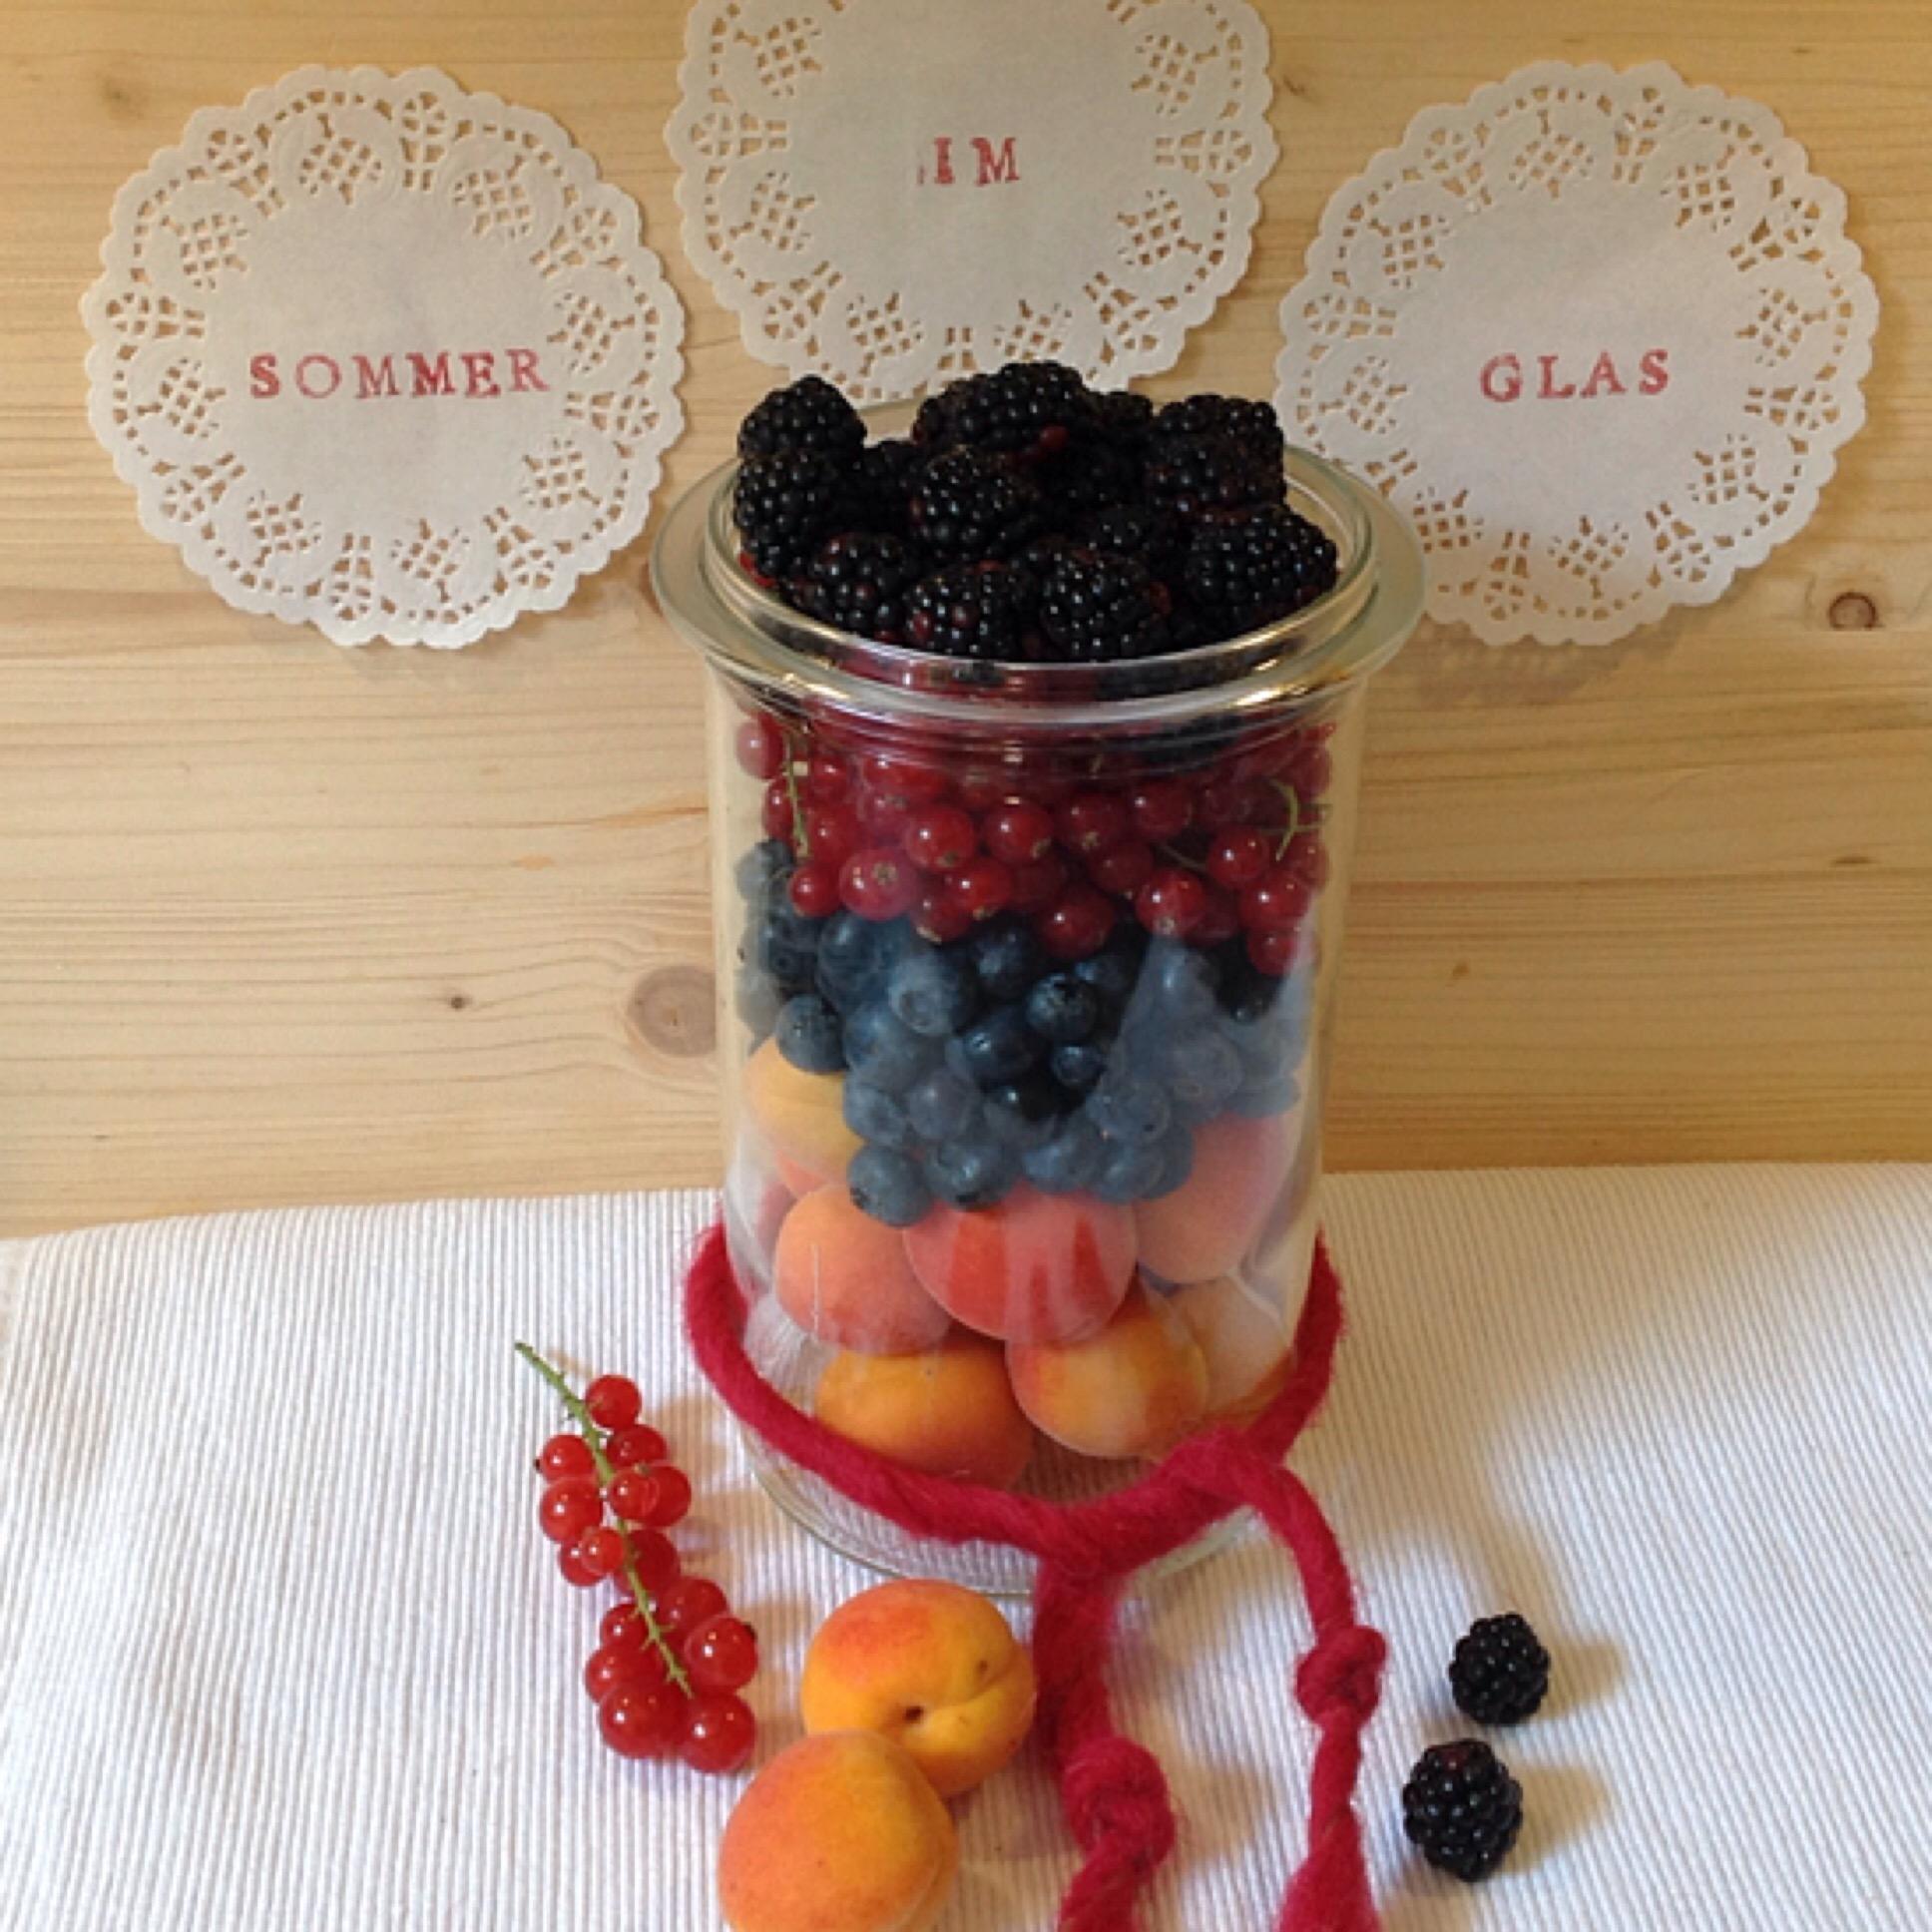 Sommer im Glas #2 – oder – Fruchtiges im Tauschpaket